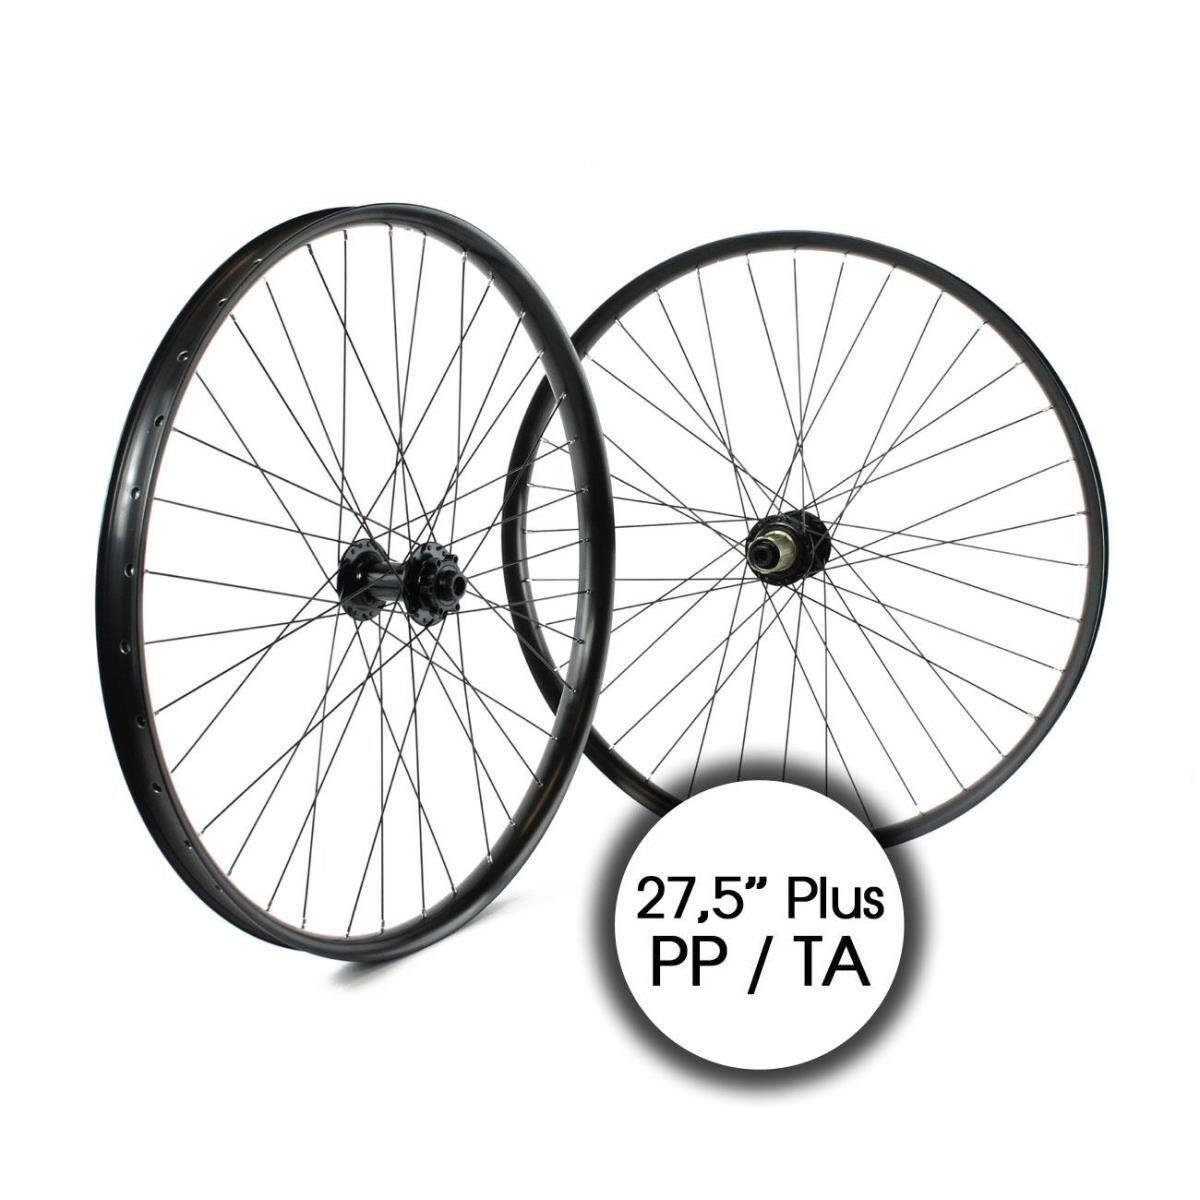 Coppia ruote mtb 650b  plus 11v disco black RIDEWILL BIKE Bicicletta  retail stores